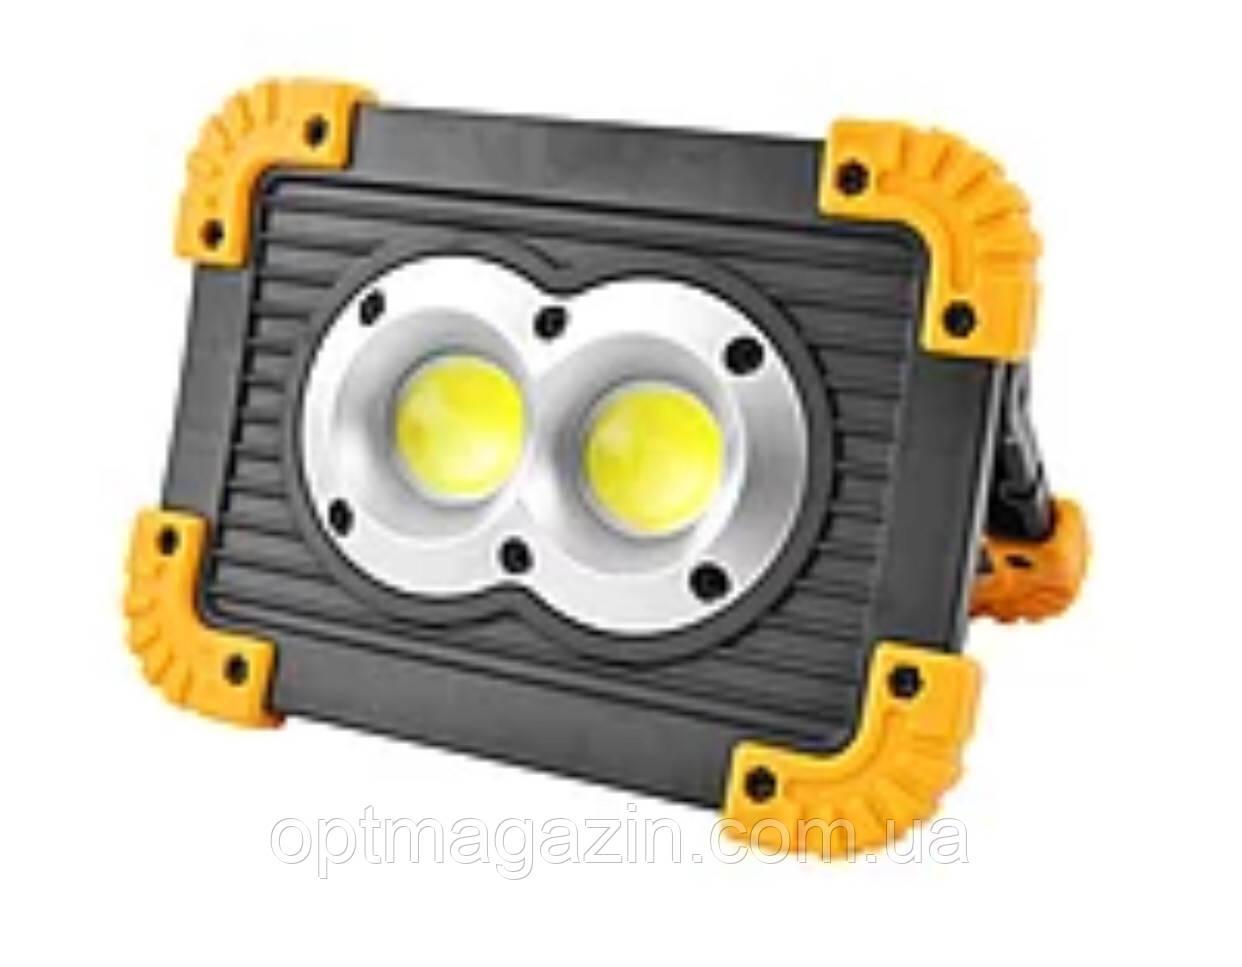 Cветильник Портативный светодиодный  W839